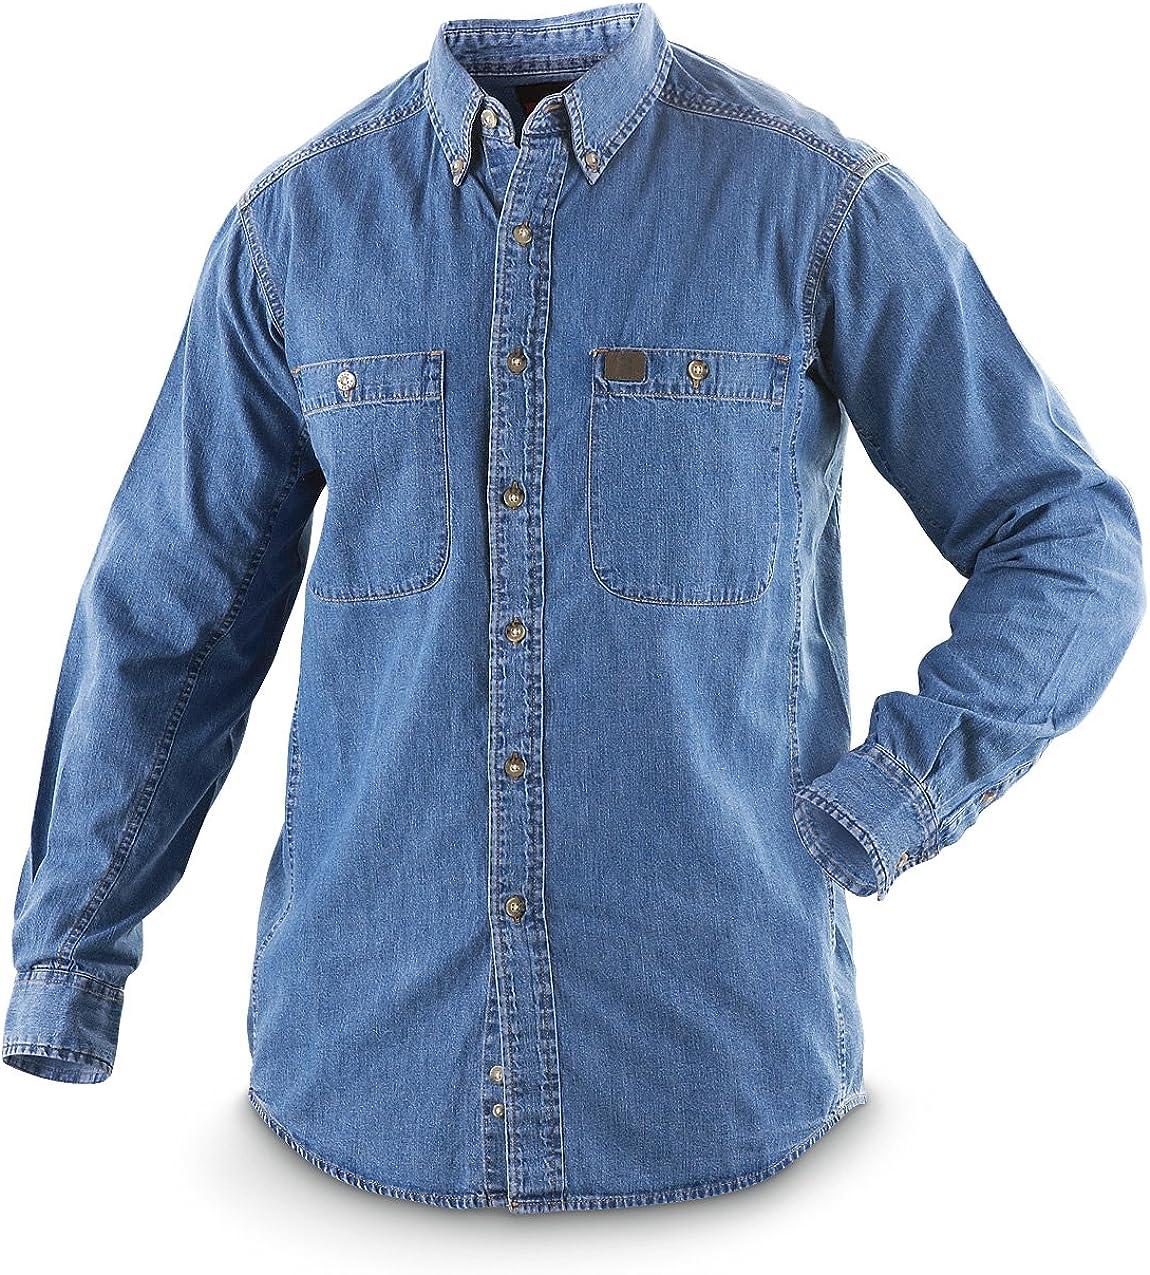 Wrangler Riggs Workwear - Camisa de trabajo de jean grande y alto para hombre